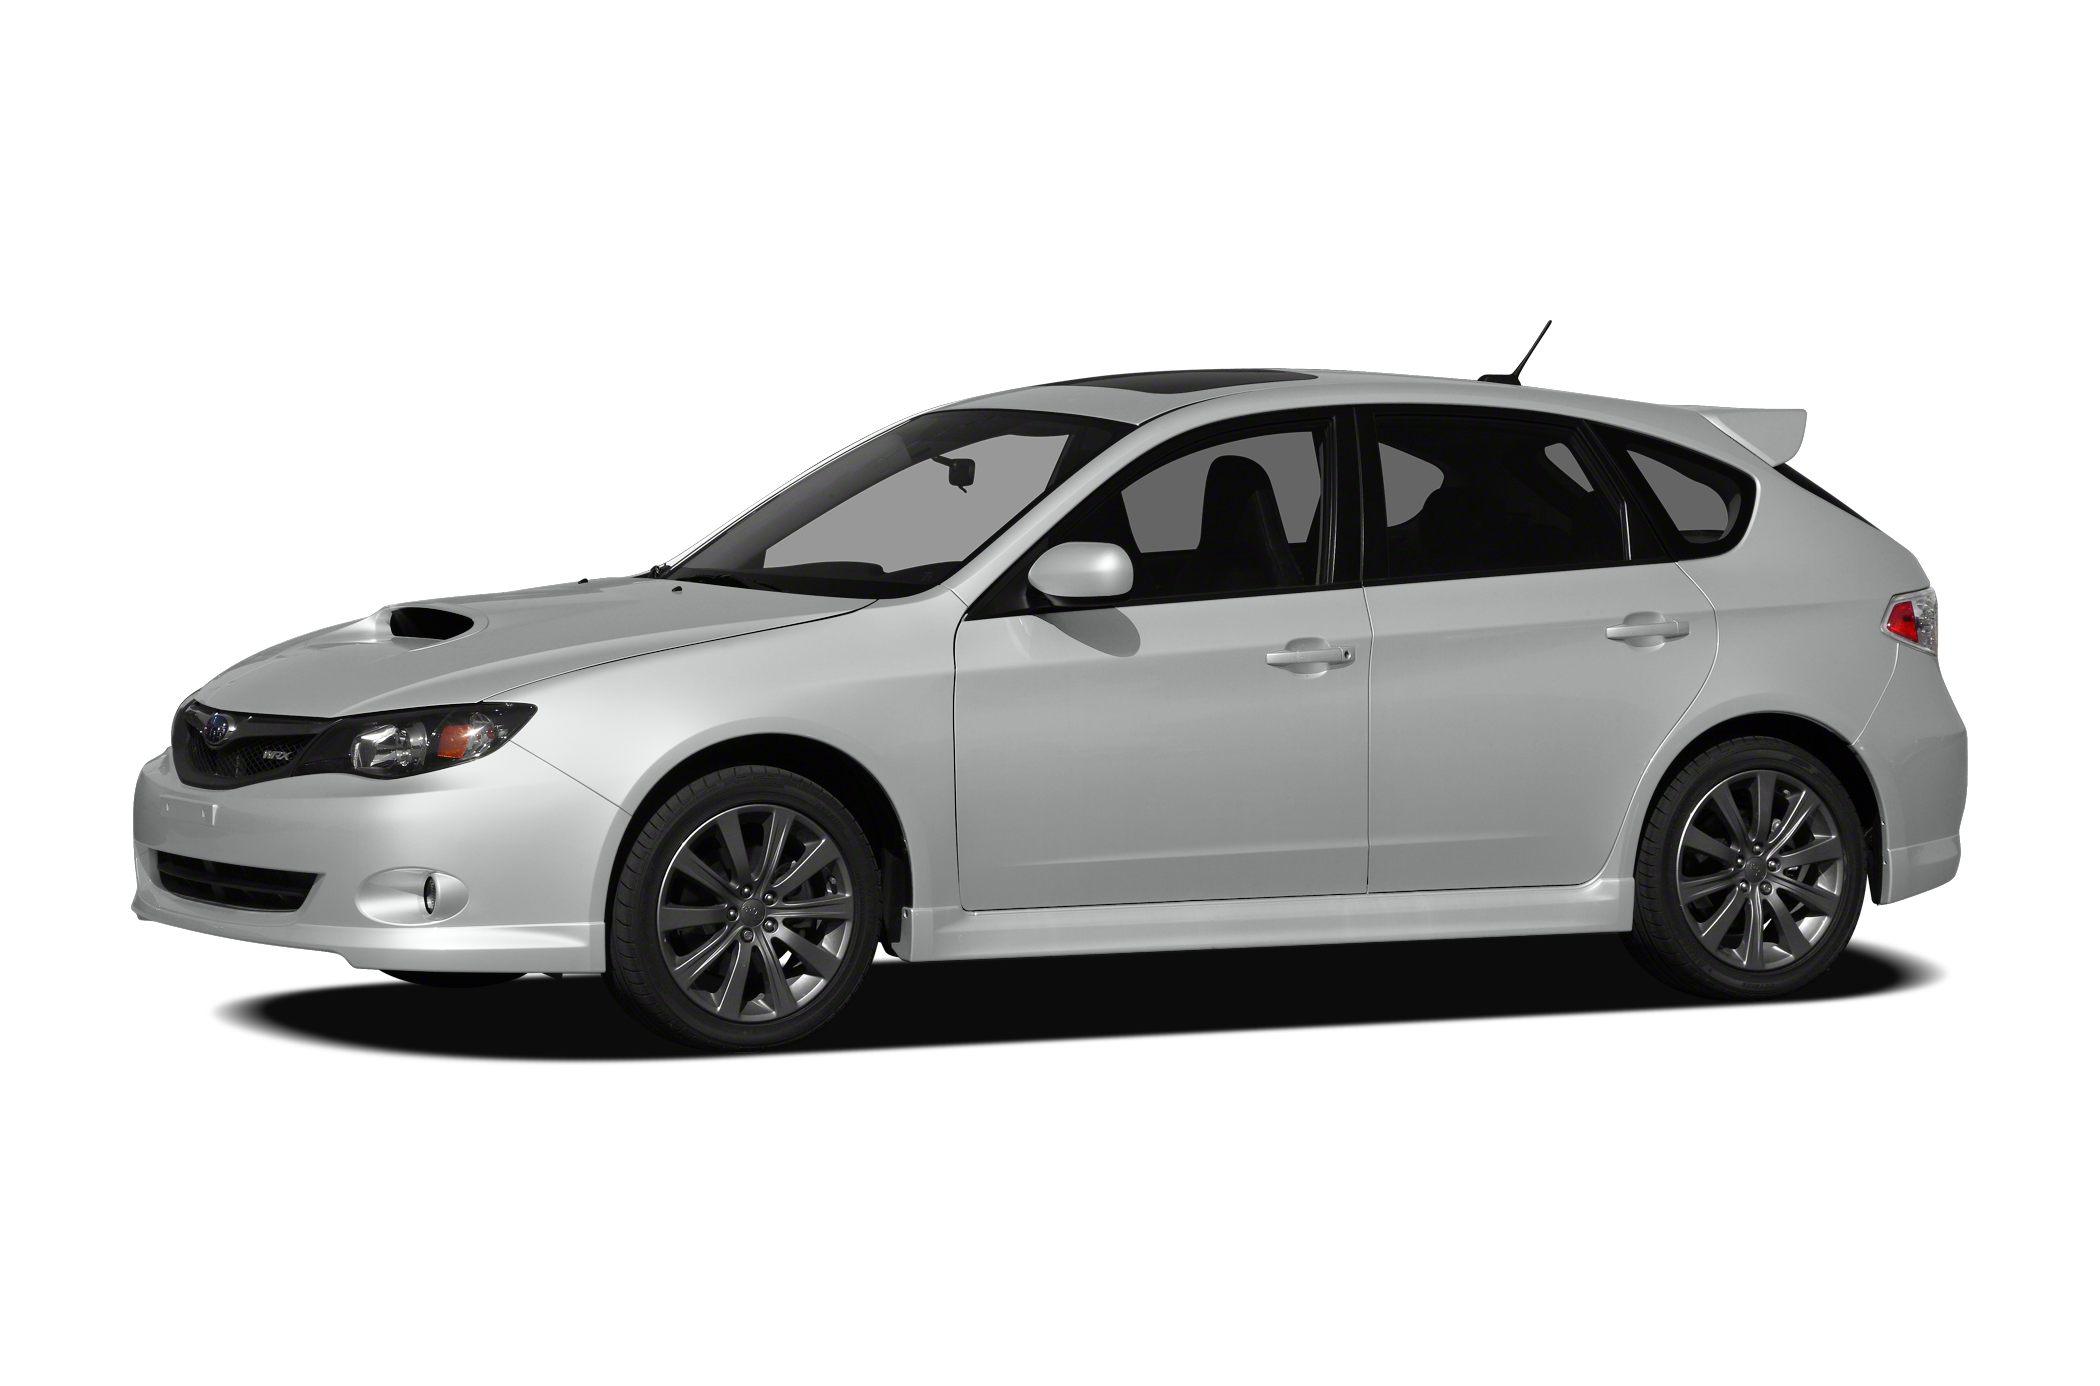 2010 Subaru Impreza WRX Miles 54278Color Spark Silver Metallic Stock 151473A VIN JF1GH7G68AG8